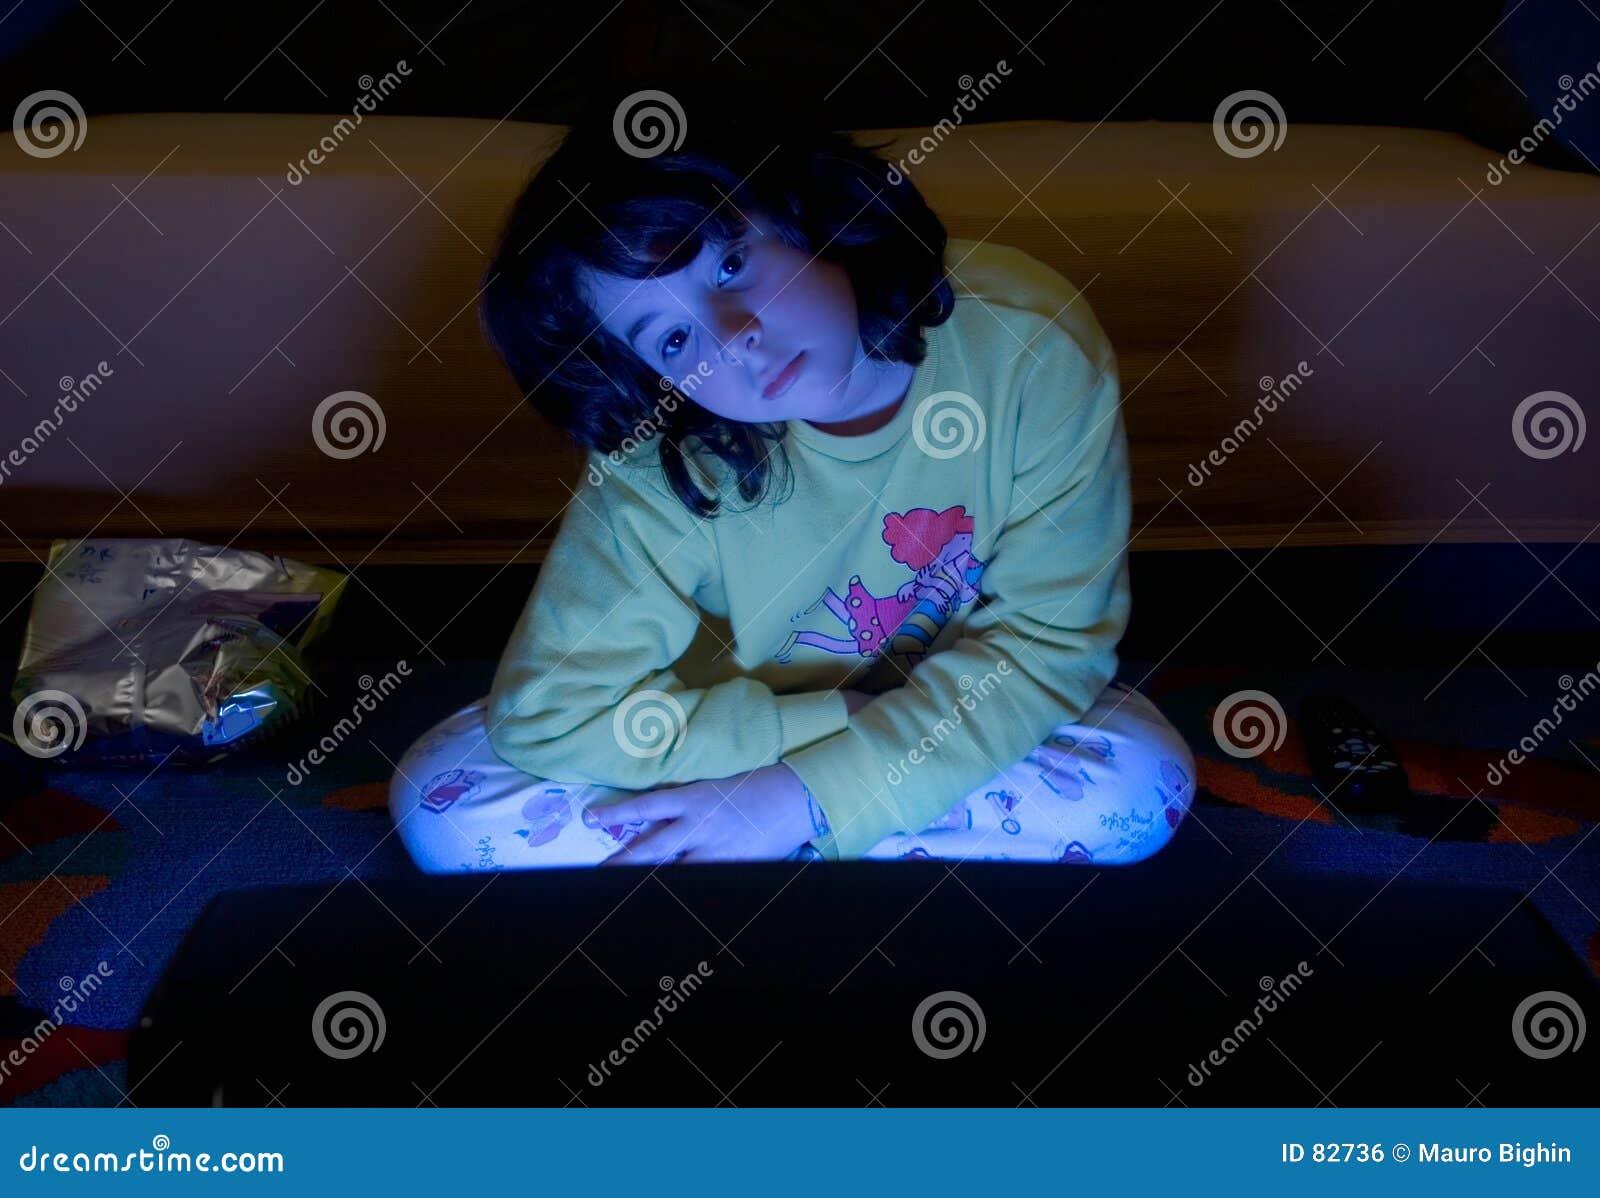 Oglądanie telewizji dziecka